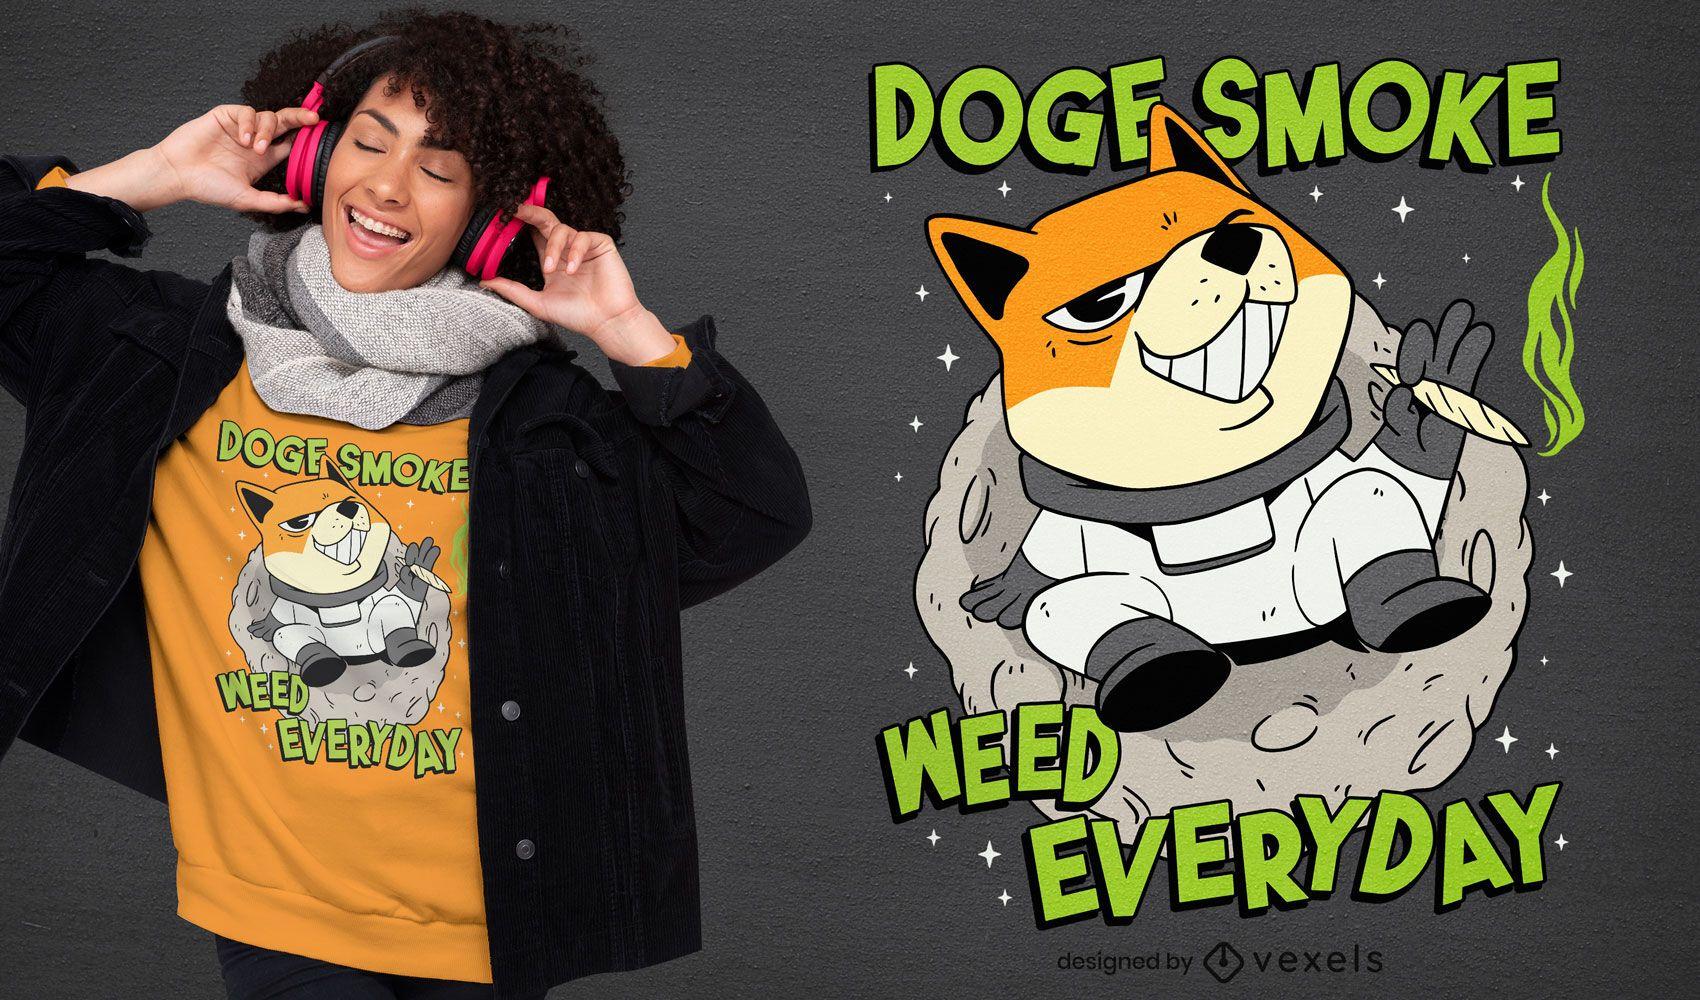 Doge fumando hierba en el dise?o de camiseta espacial.